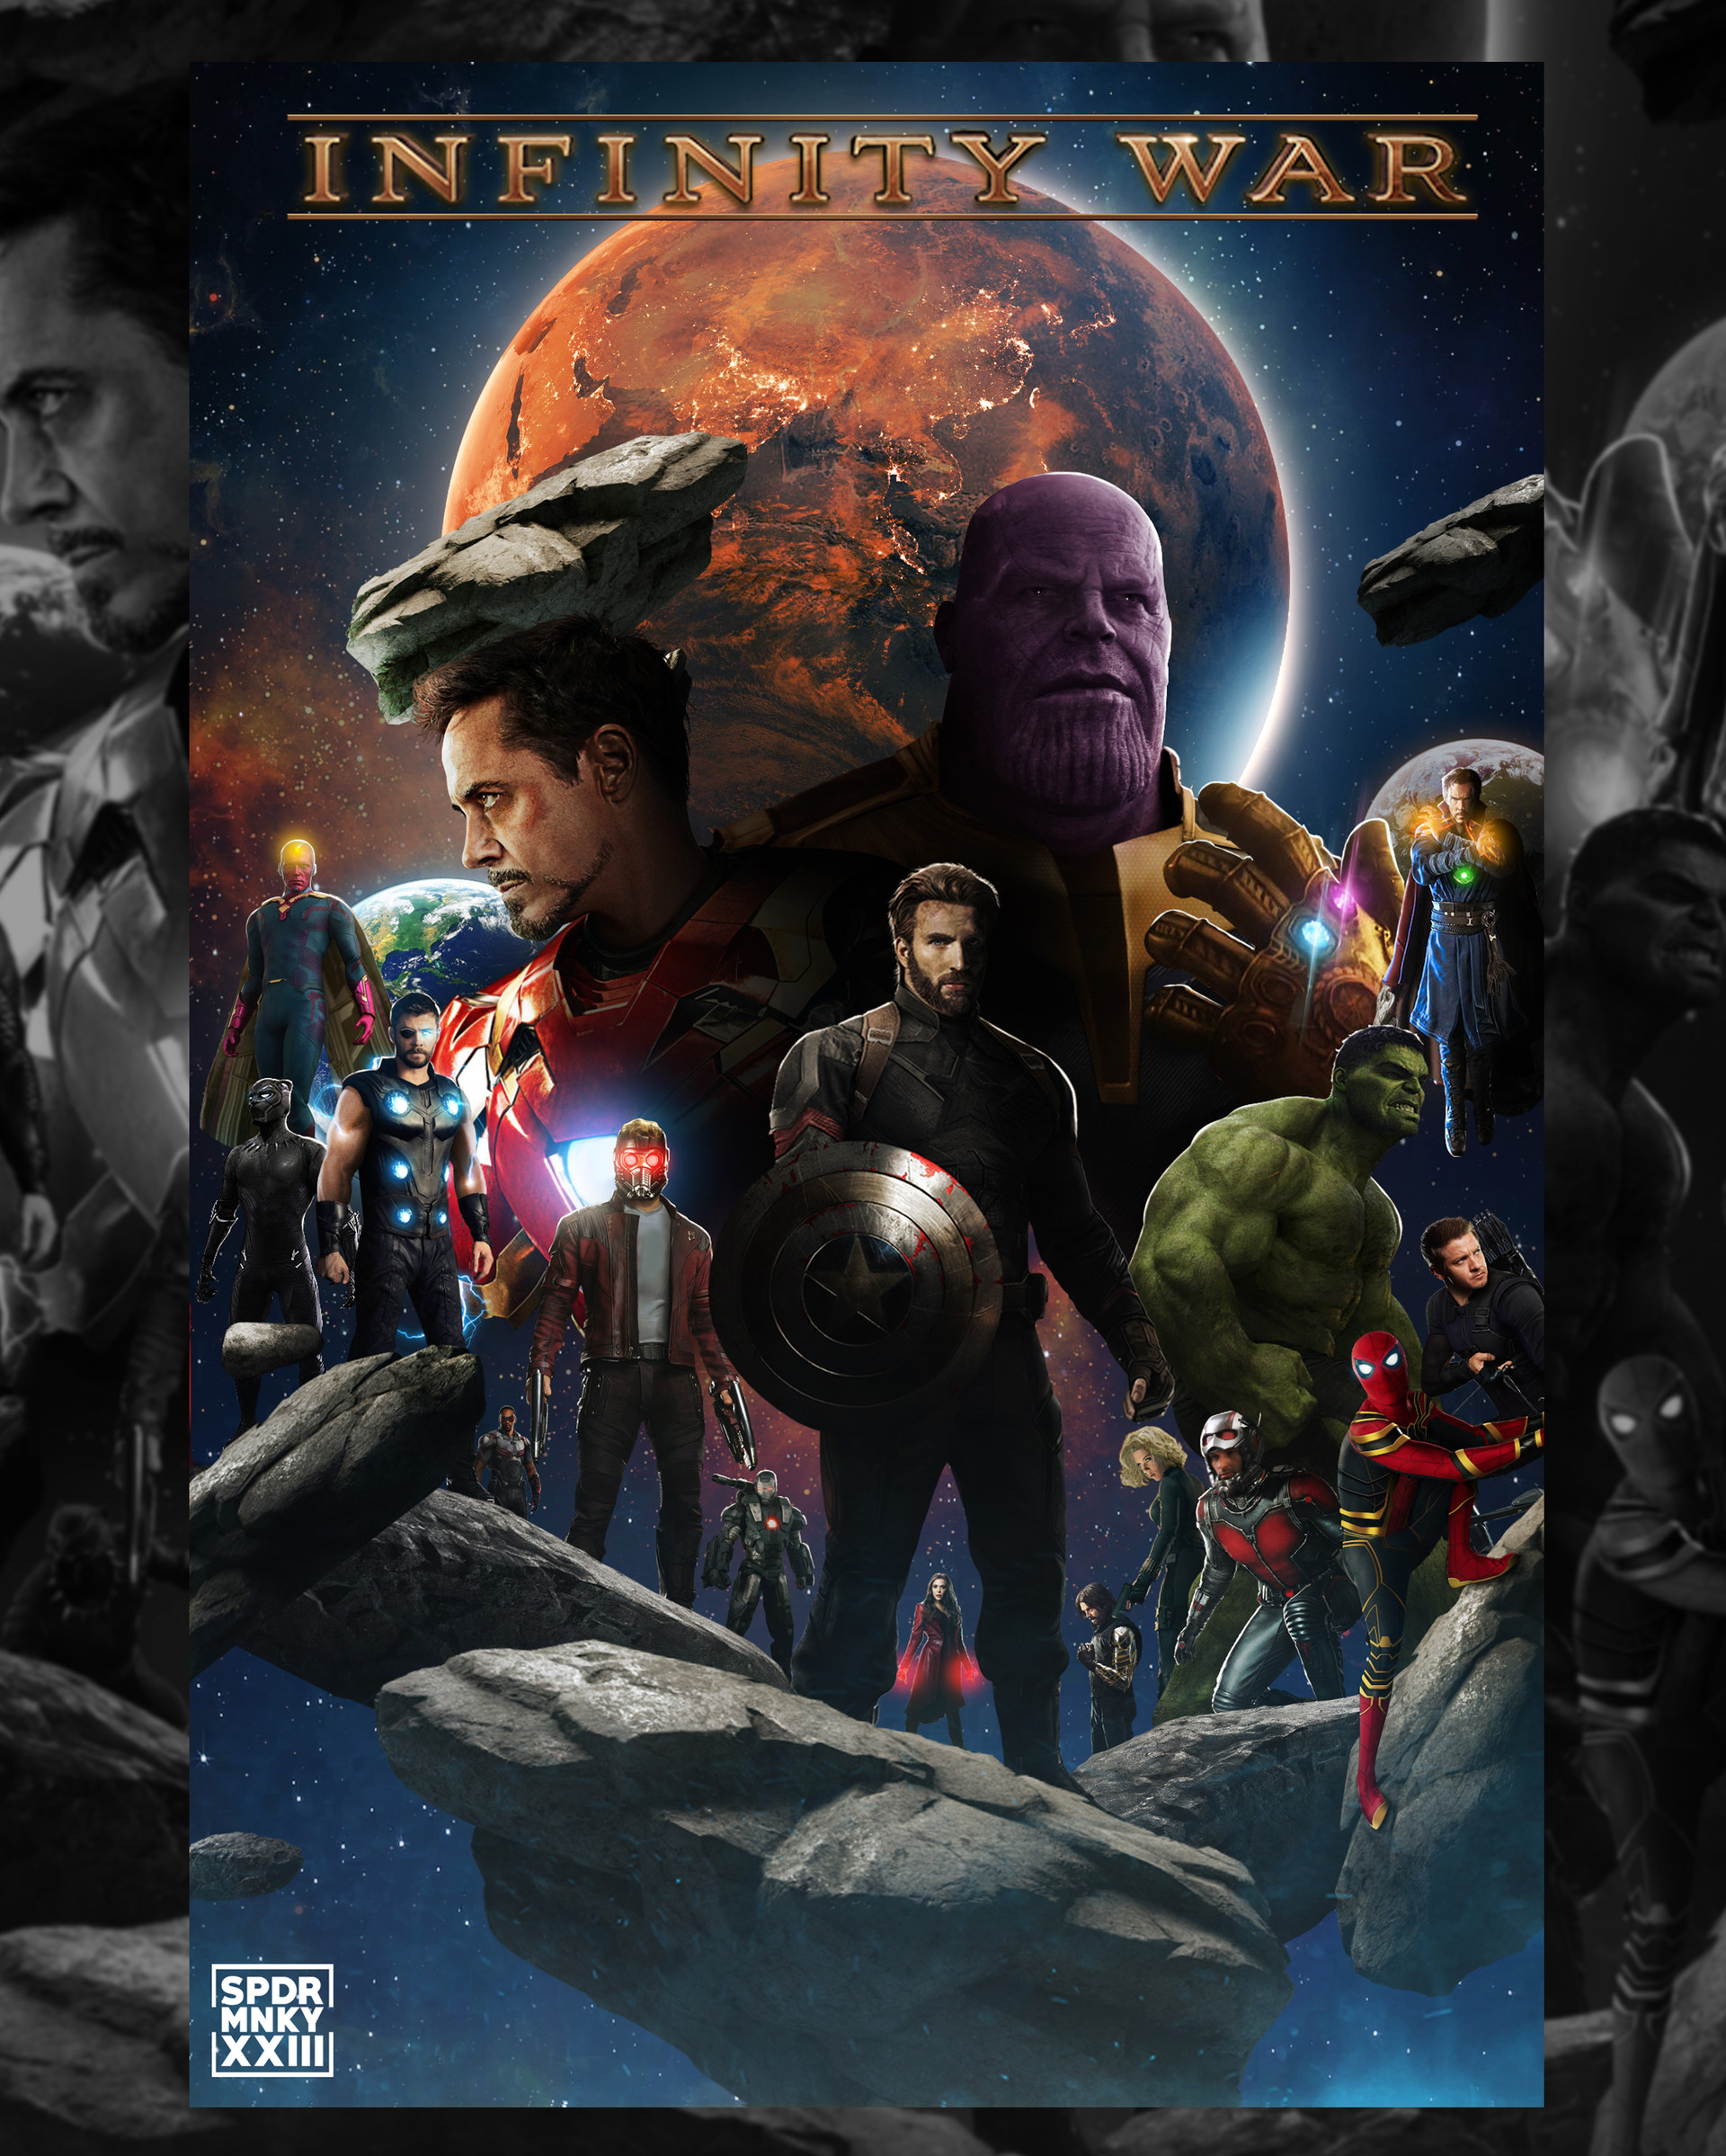 Artstation Avengers Infinity War Poster Spdrmnky Xxiii